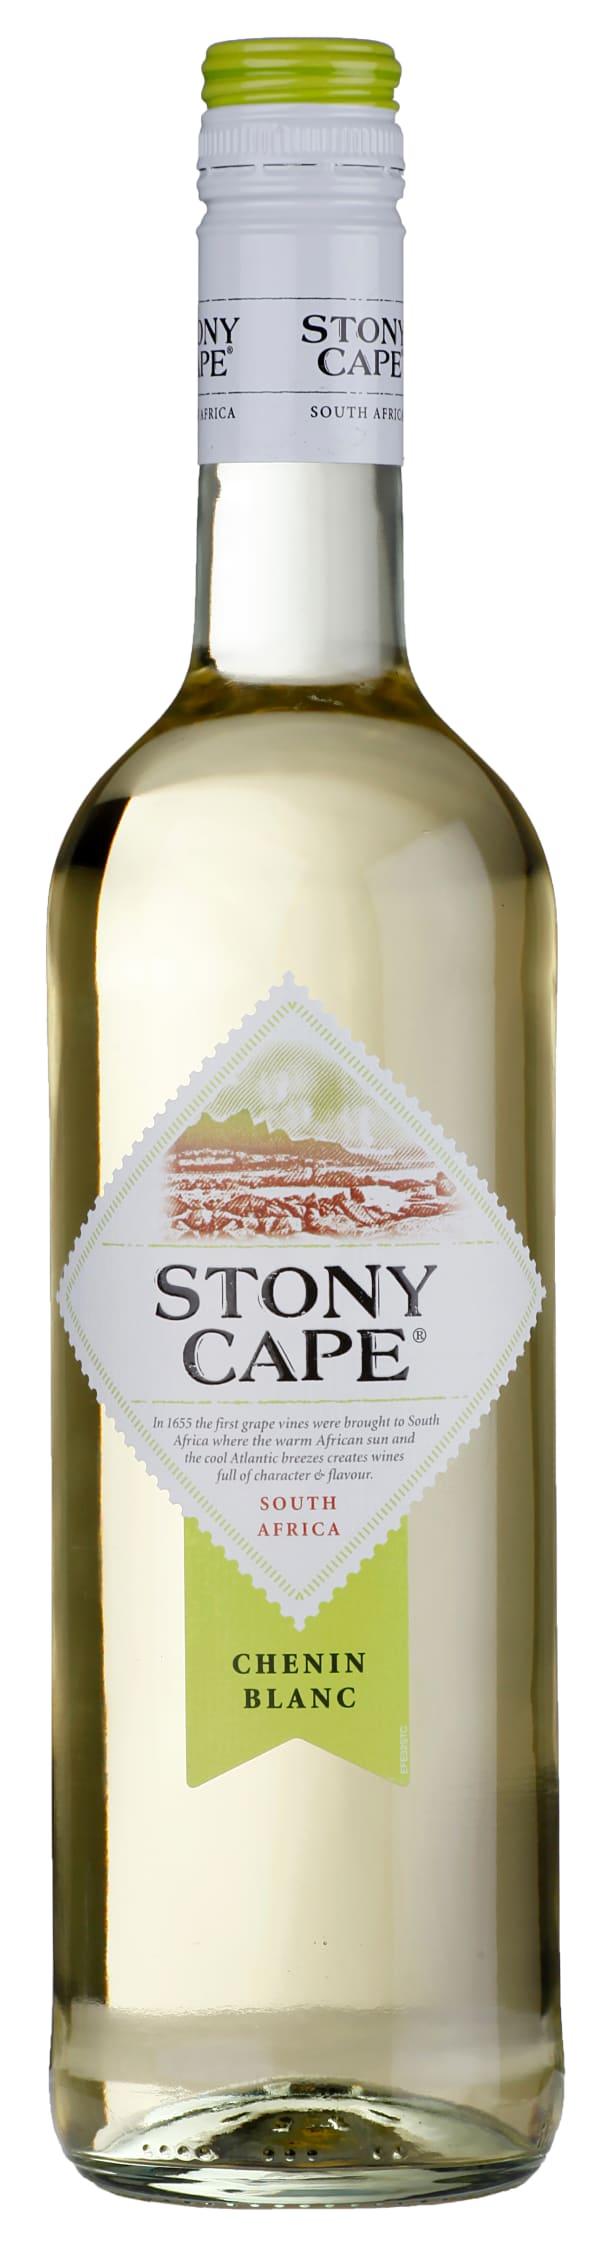 Stony Cape Chenin Blanc 2018